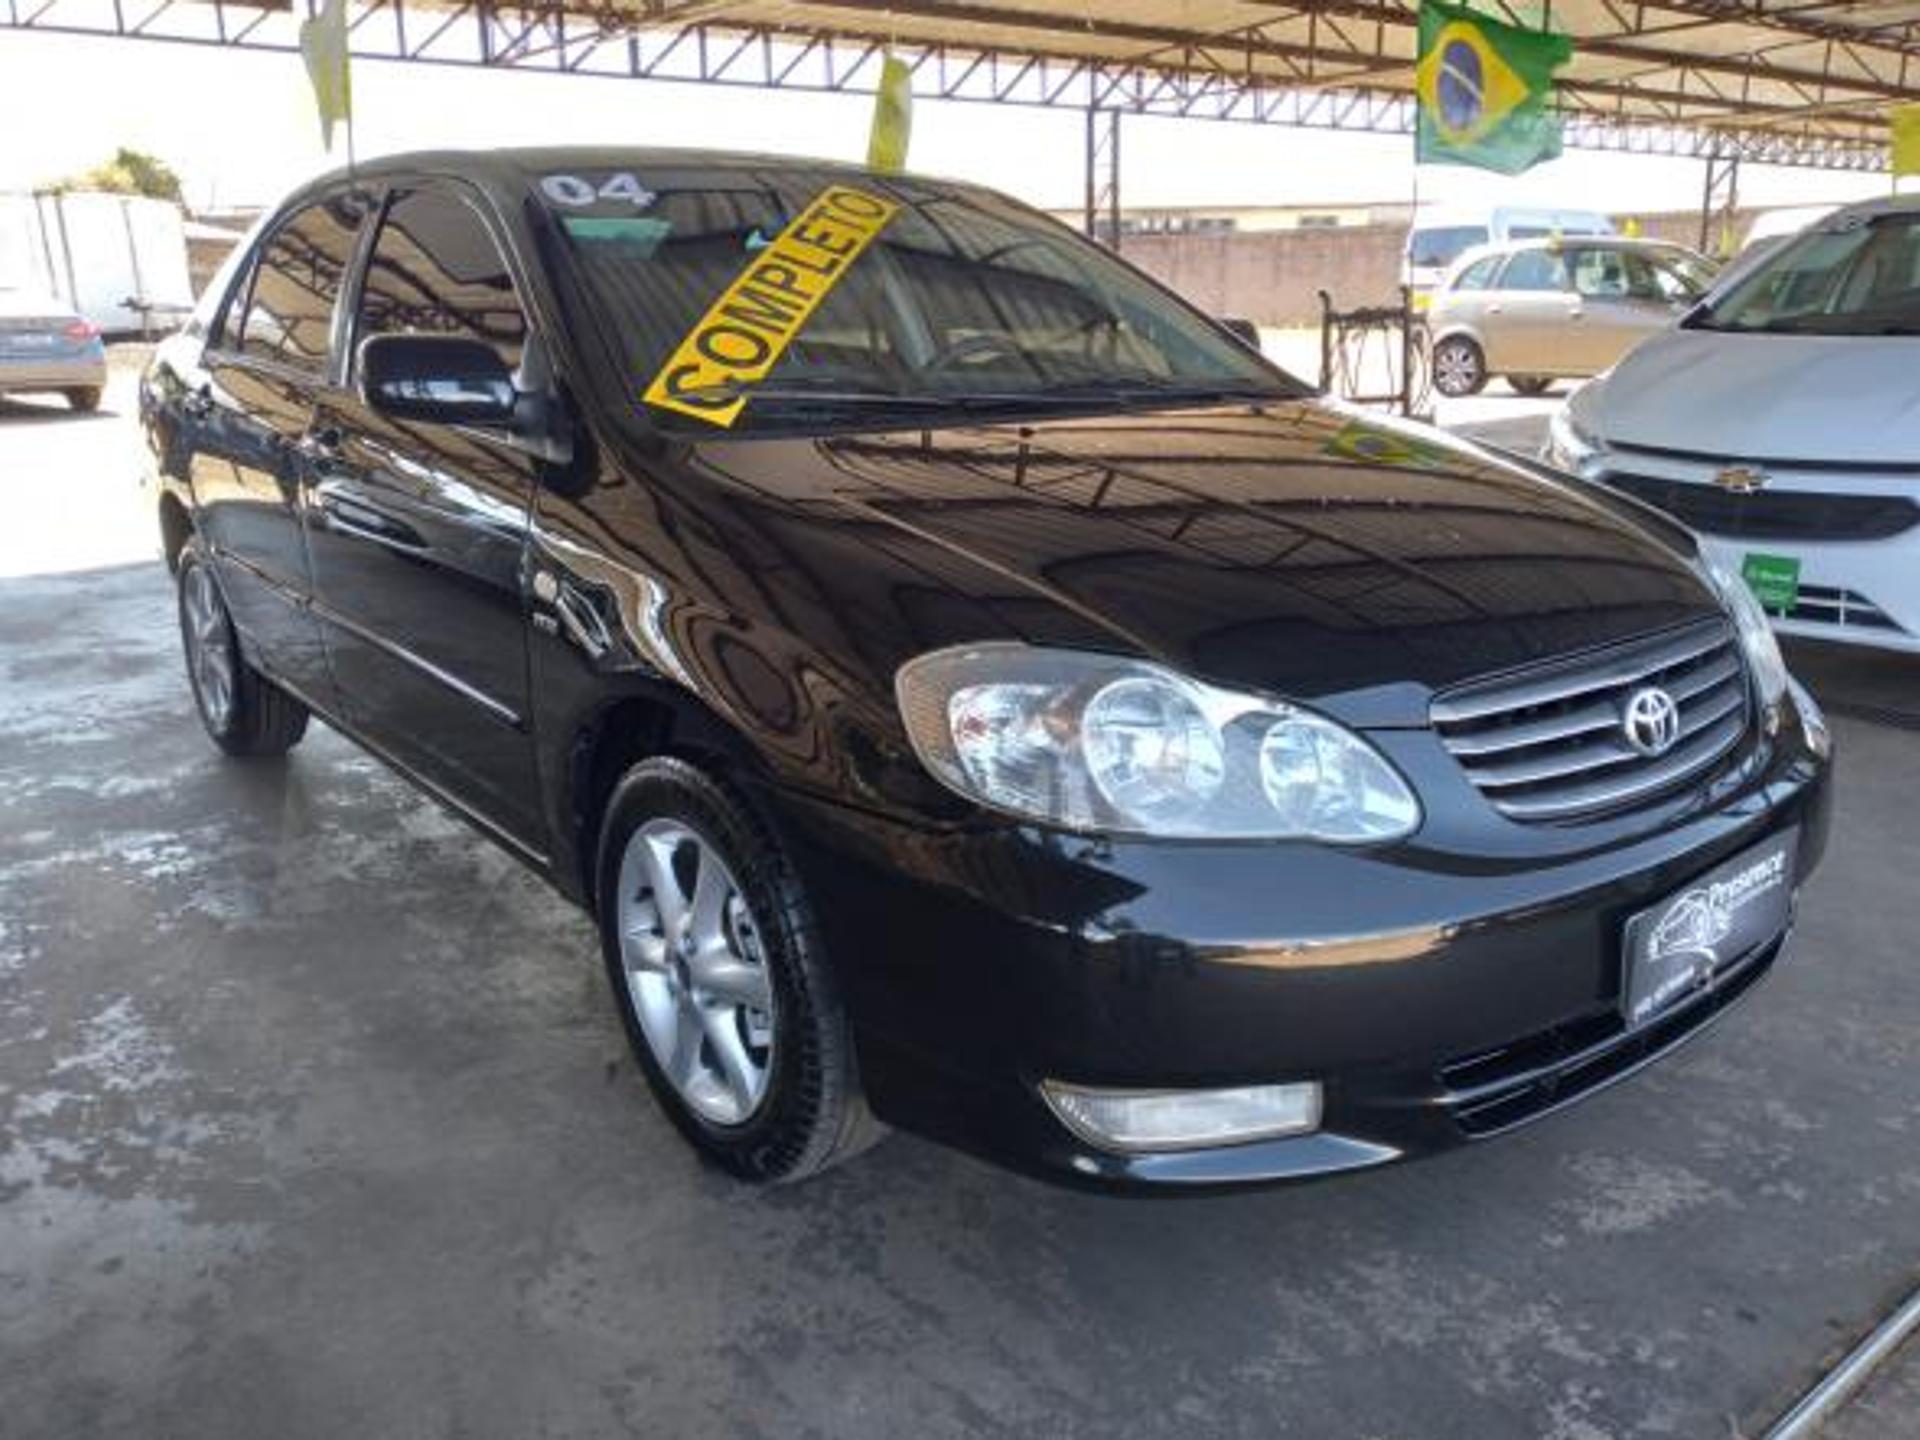 Toyota Corolla 1.8 Xei 16v Gasolina 4p Automatico carros usados